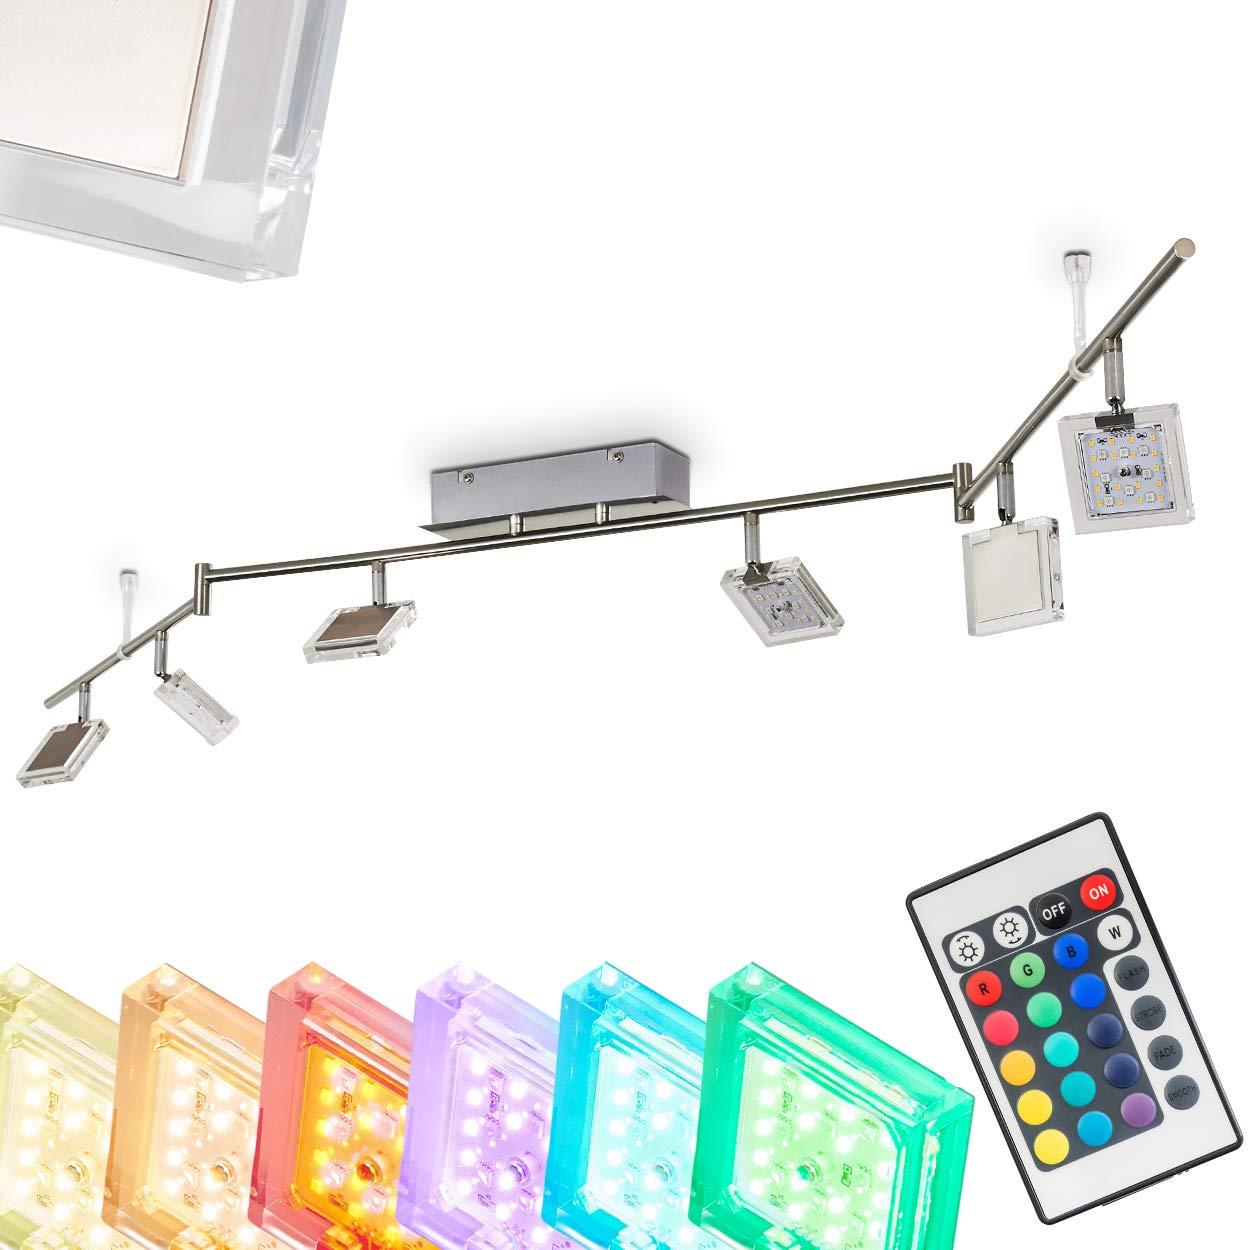 LED Deckenstrahler Parnu 6-flammig – Deckenspot mit Farbwechsler und Fernbedienung - RGB LED Zimmerlampe mit Lichteffekten für Wohnzimmer – 3000 Kelvin – 1800 Lumen – Spots dreh- und schwenkbar